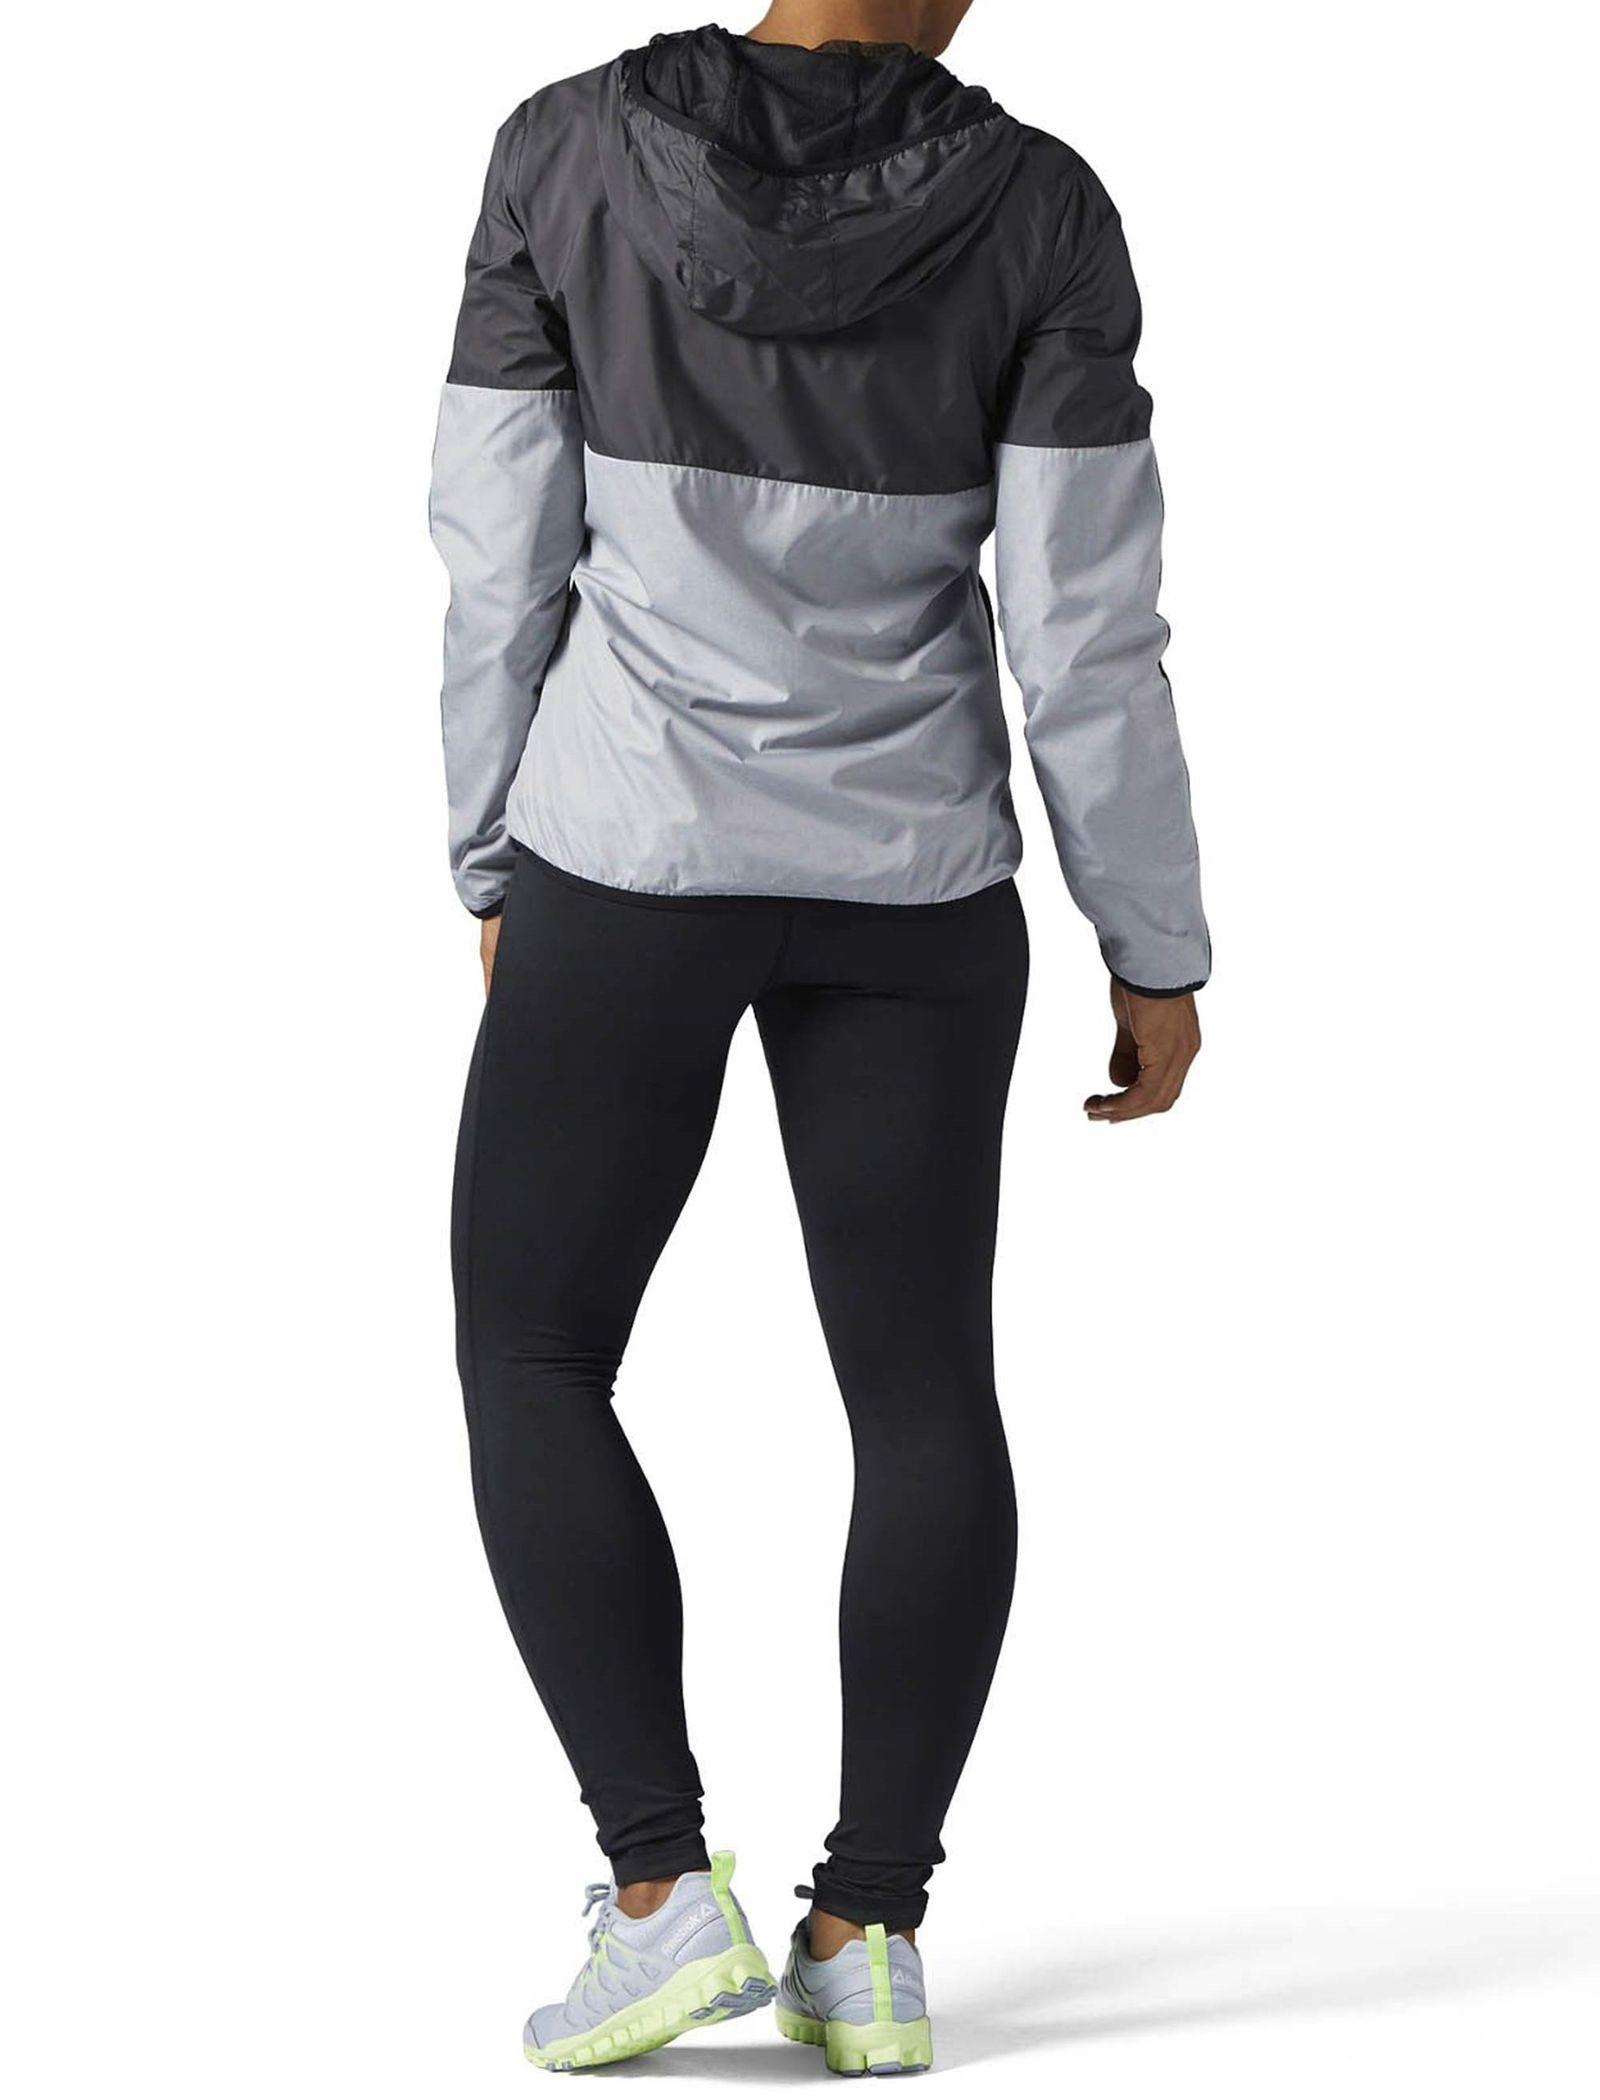 ست گرمکن ورزشی زنانه EL TS SPORT - ریباک - مشکي - 7